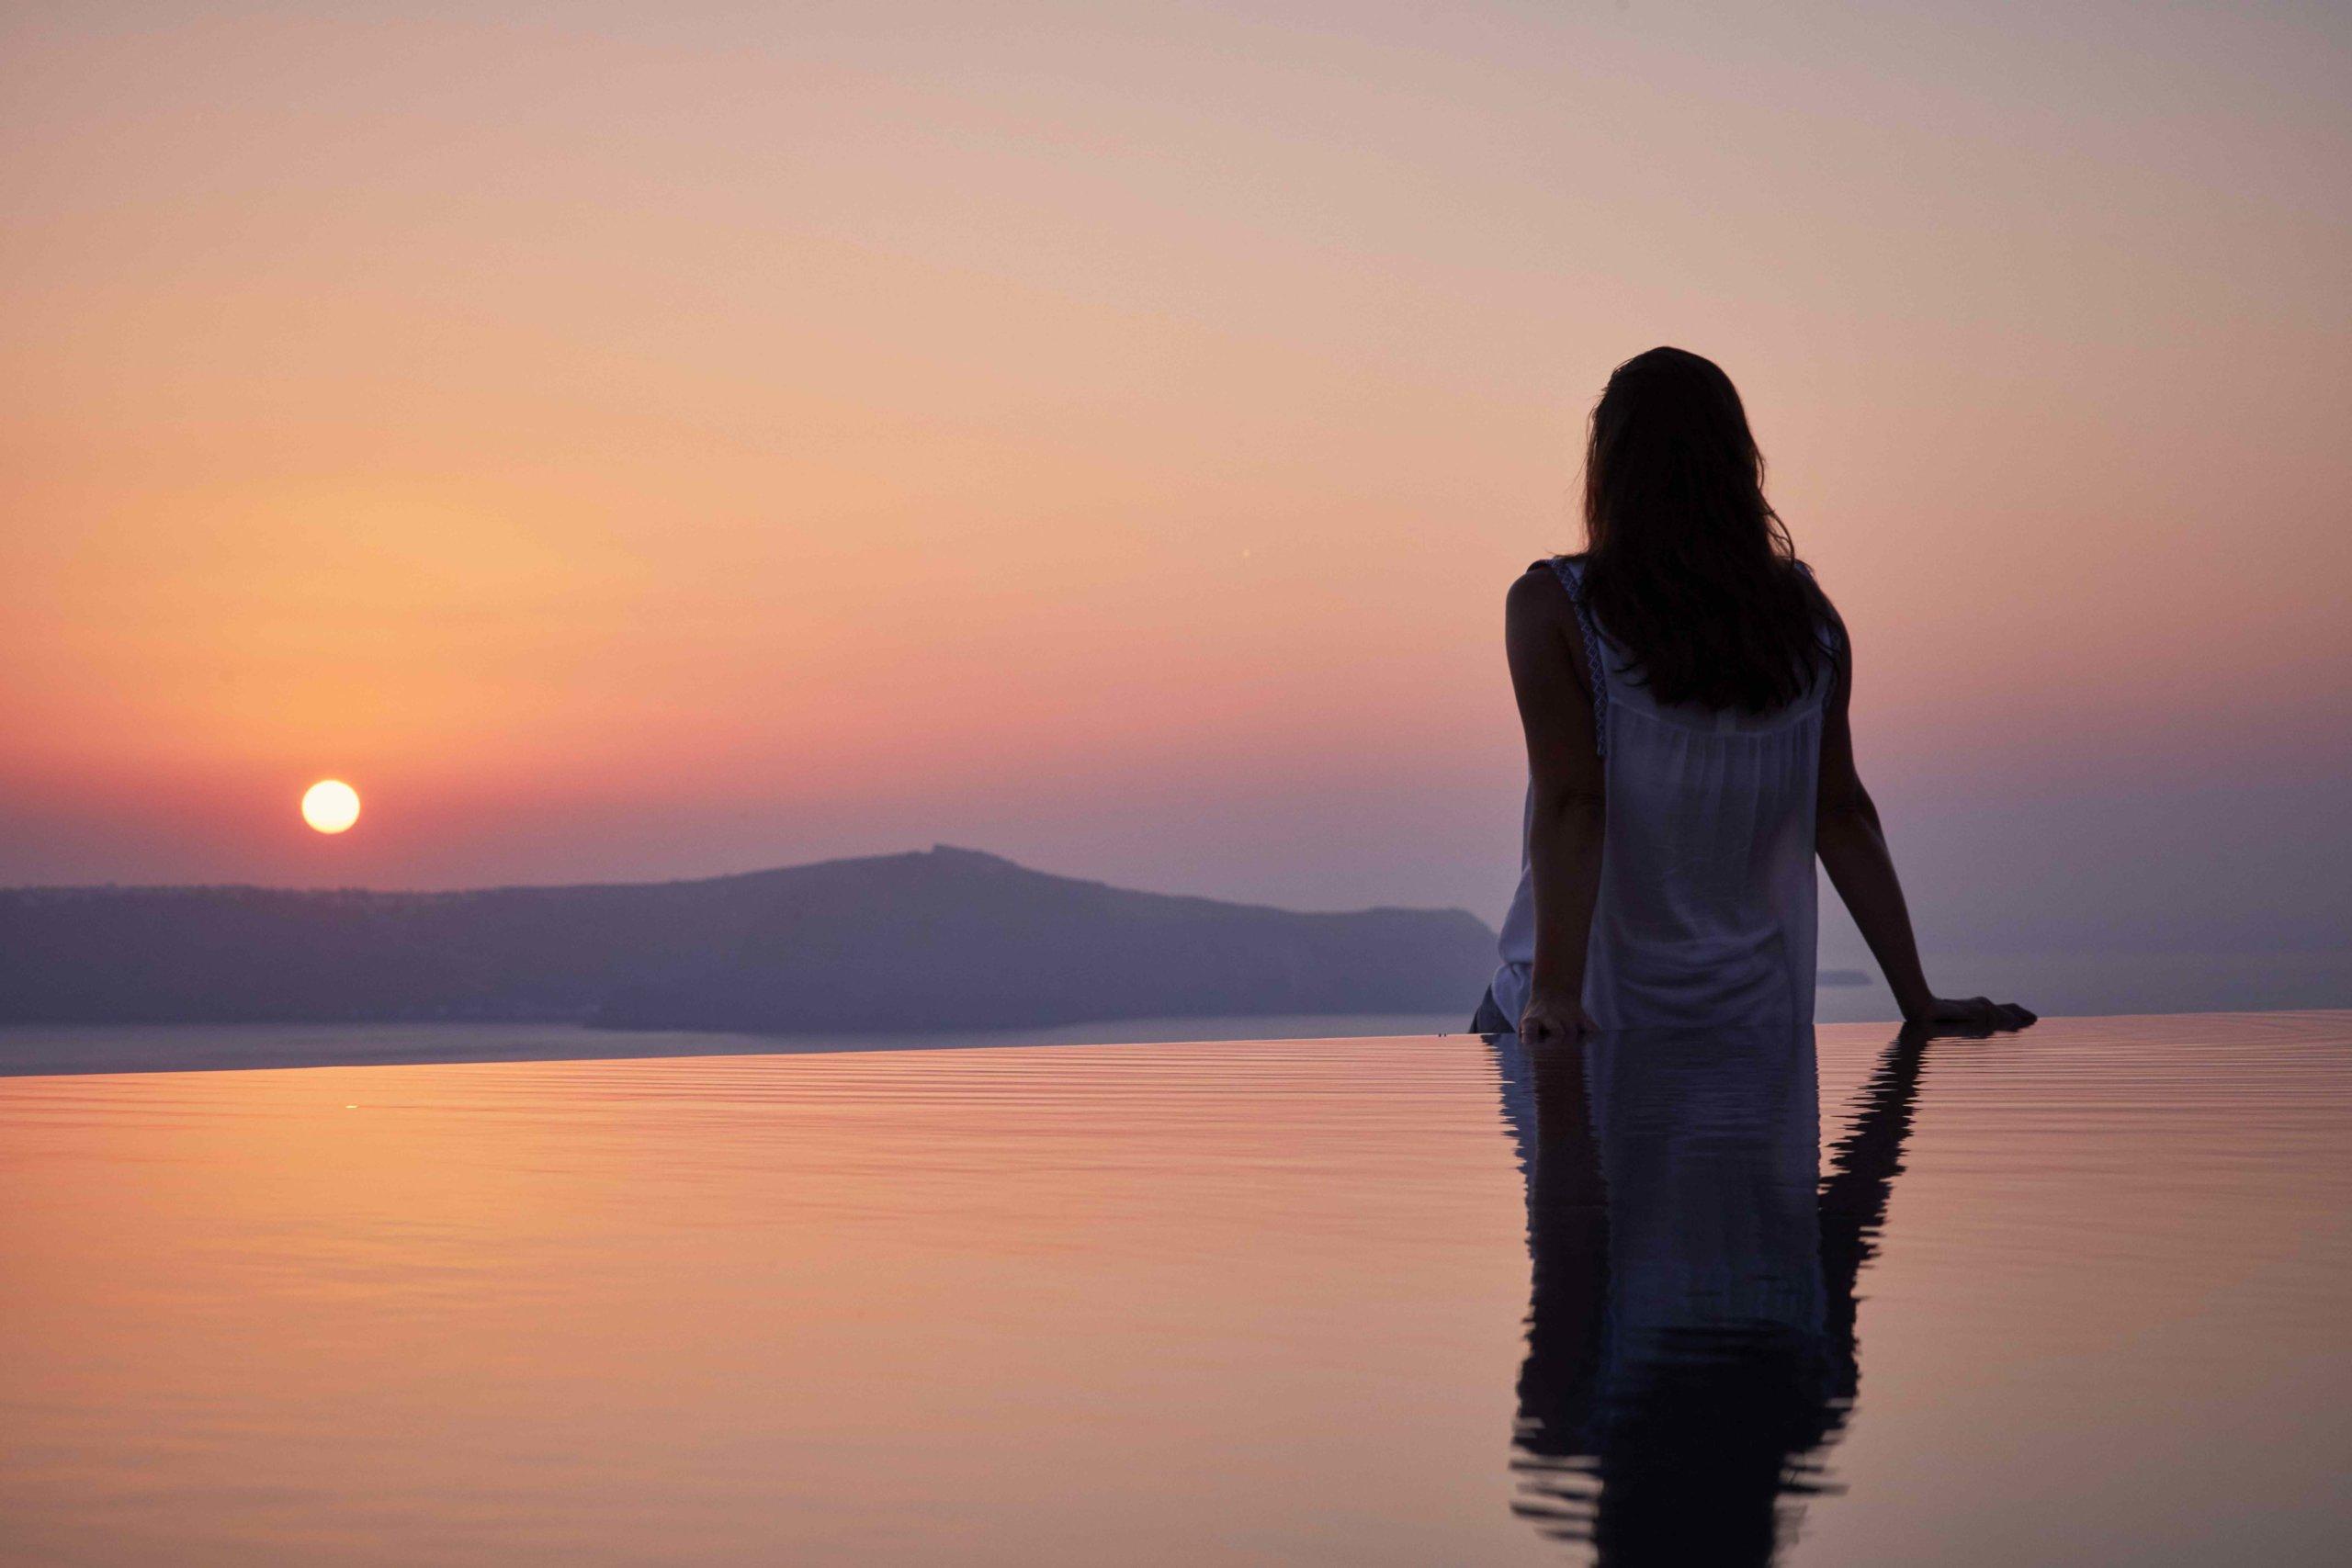 Femme regardant le coucher de soleil sur la piscine à débordement